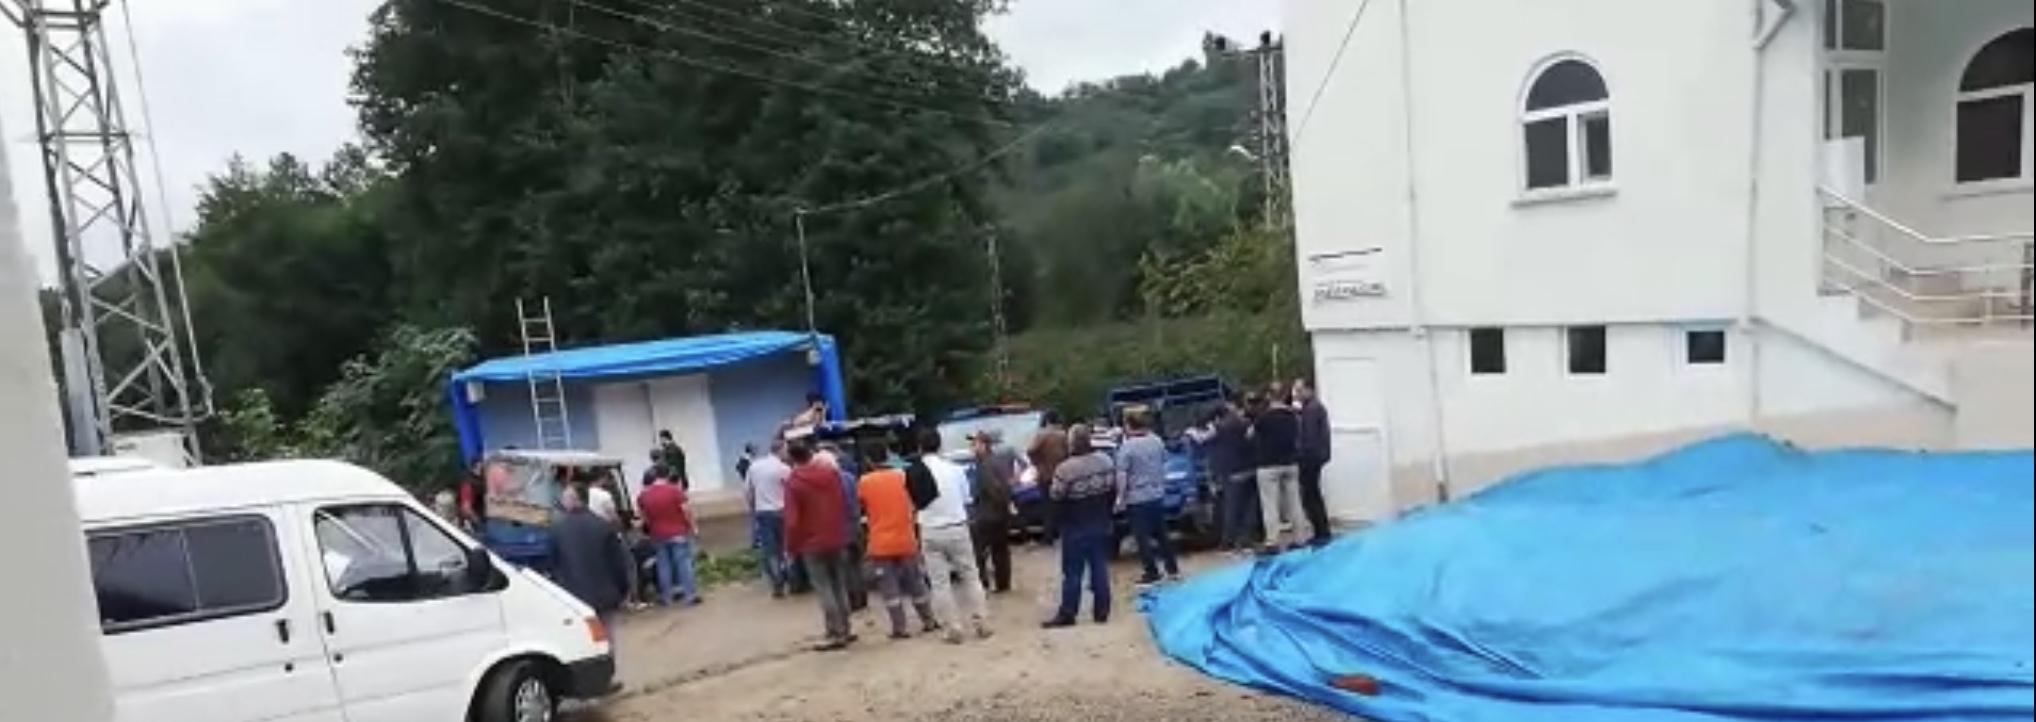 Maden Araçlarına Tepki